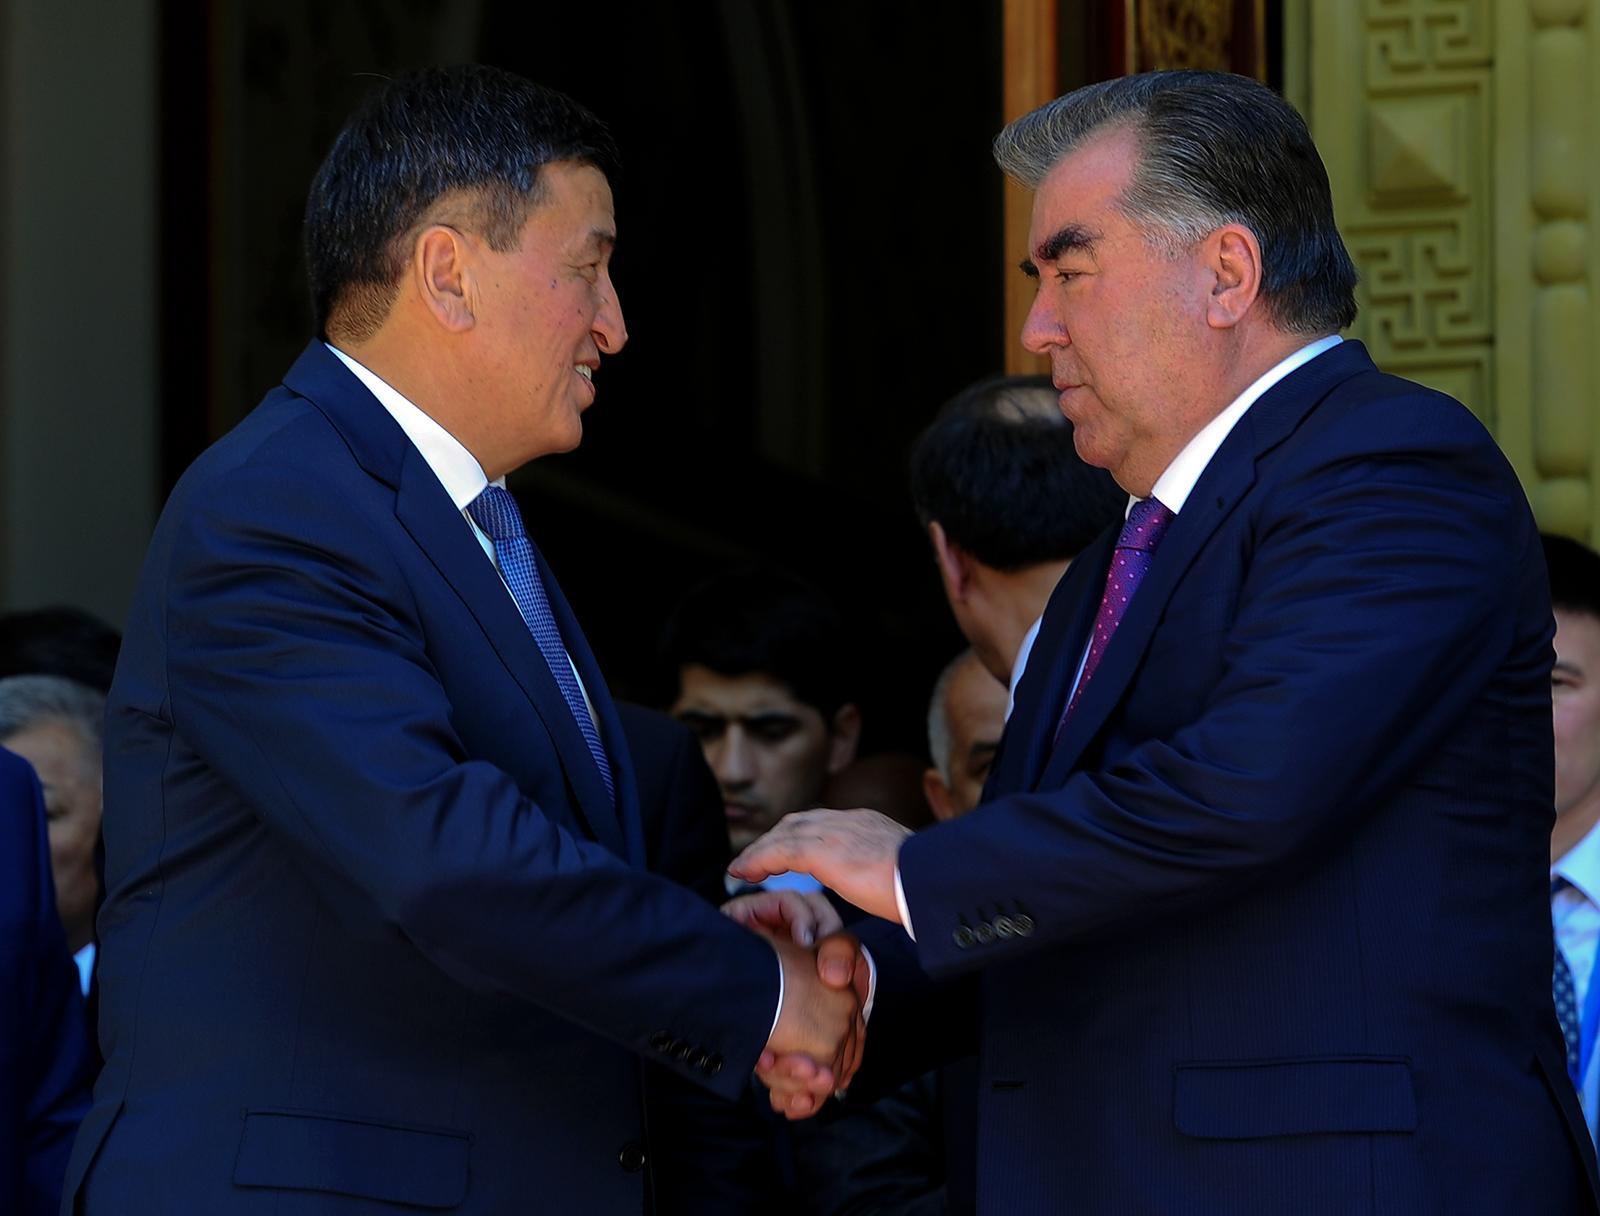 Жээнбеков и руководитель Таджикистана Эмомали Рахмон. Здесь я бы даже больше внимания обратил на некую напористость президента РТ, старающегося пусть и невербально, но максимально давить на своего оппонента.